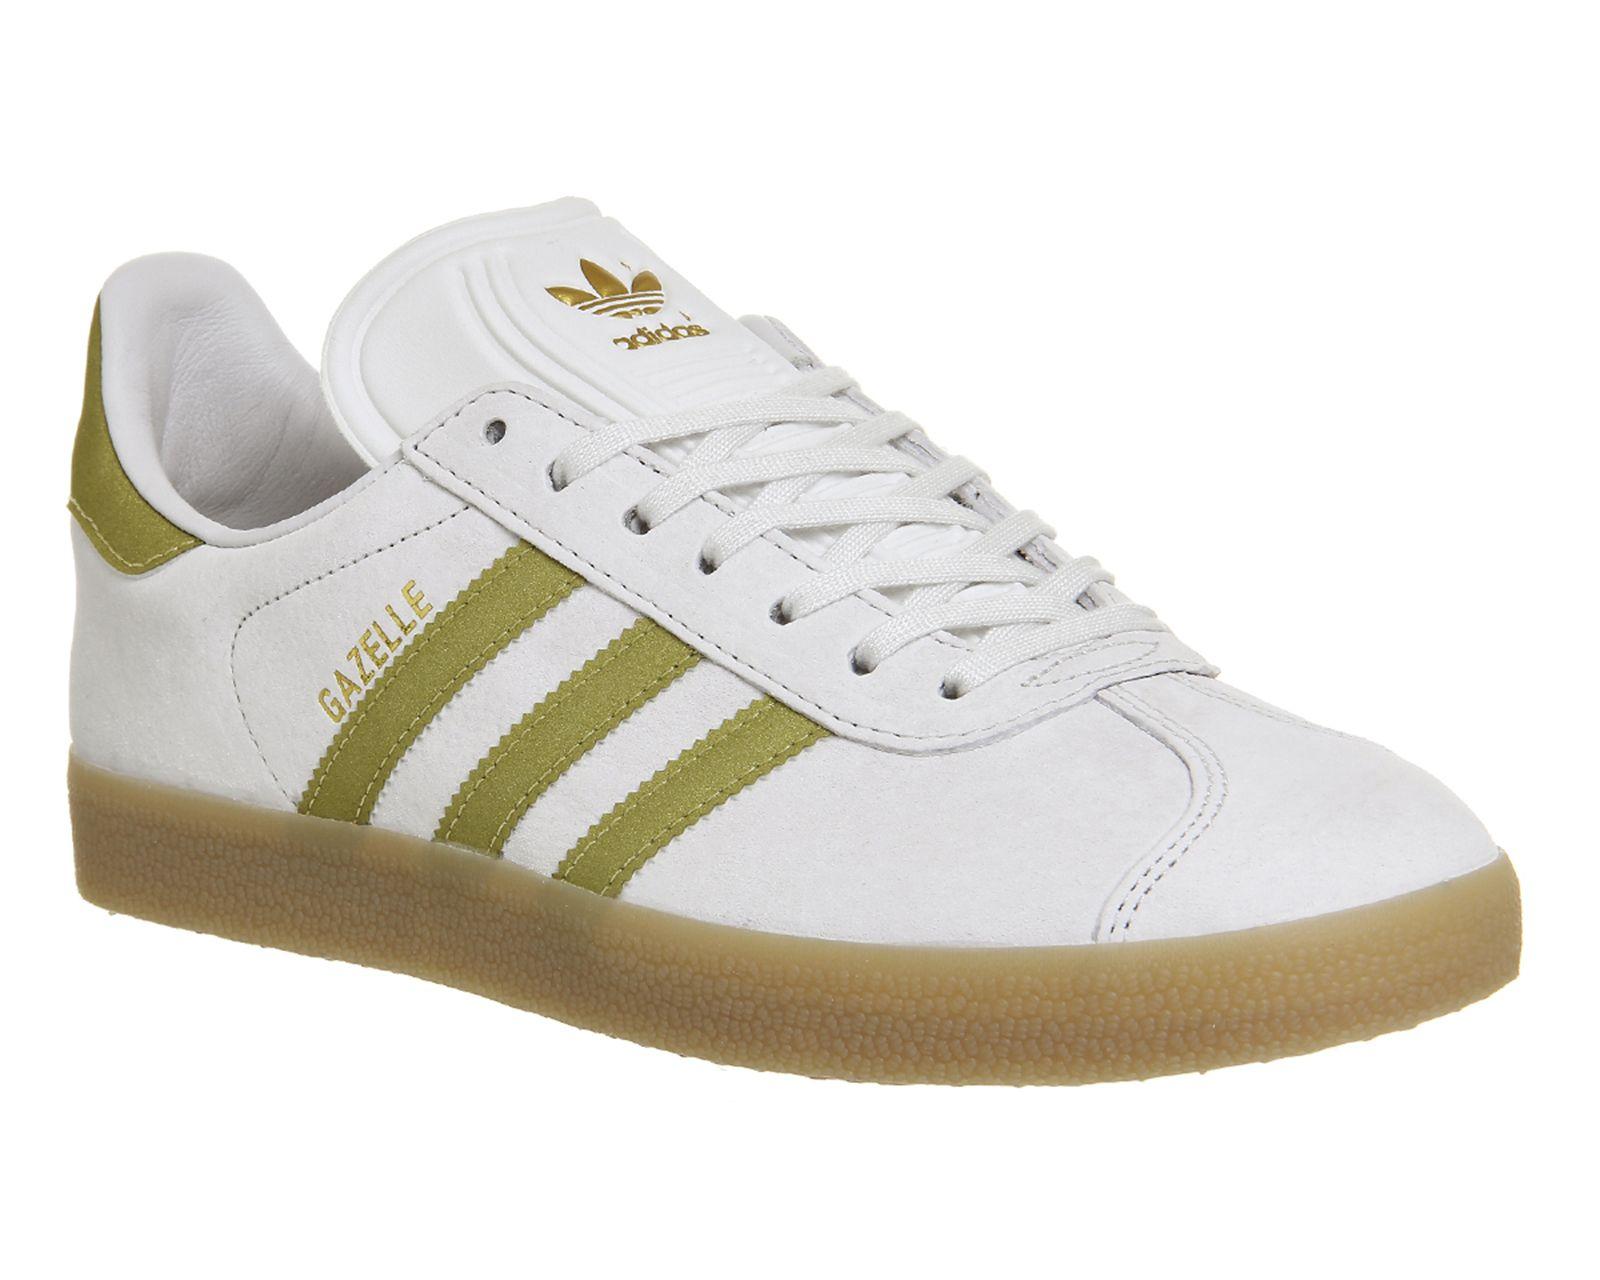 Gazelle | Adidas gazelle, Adidas, White gold